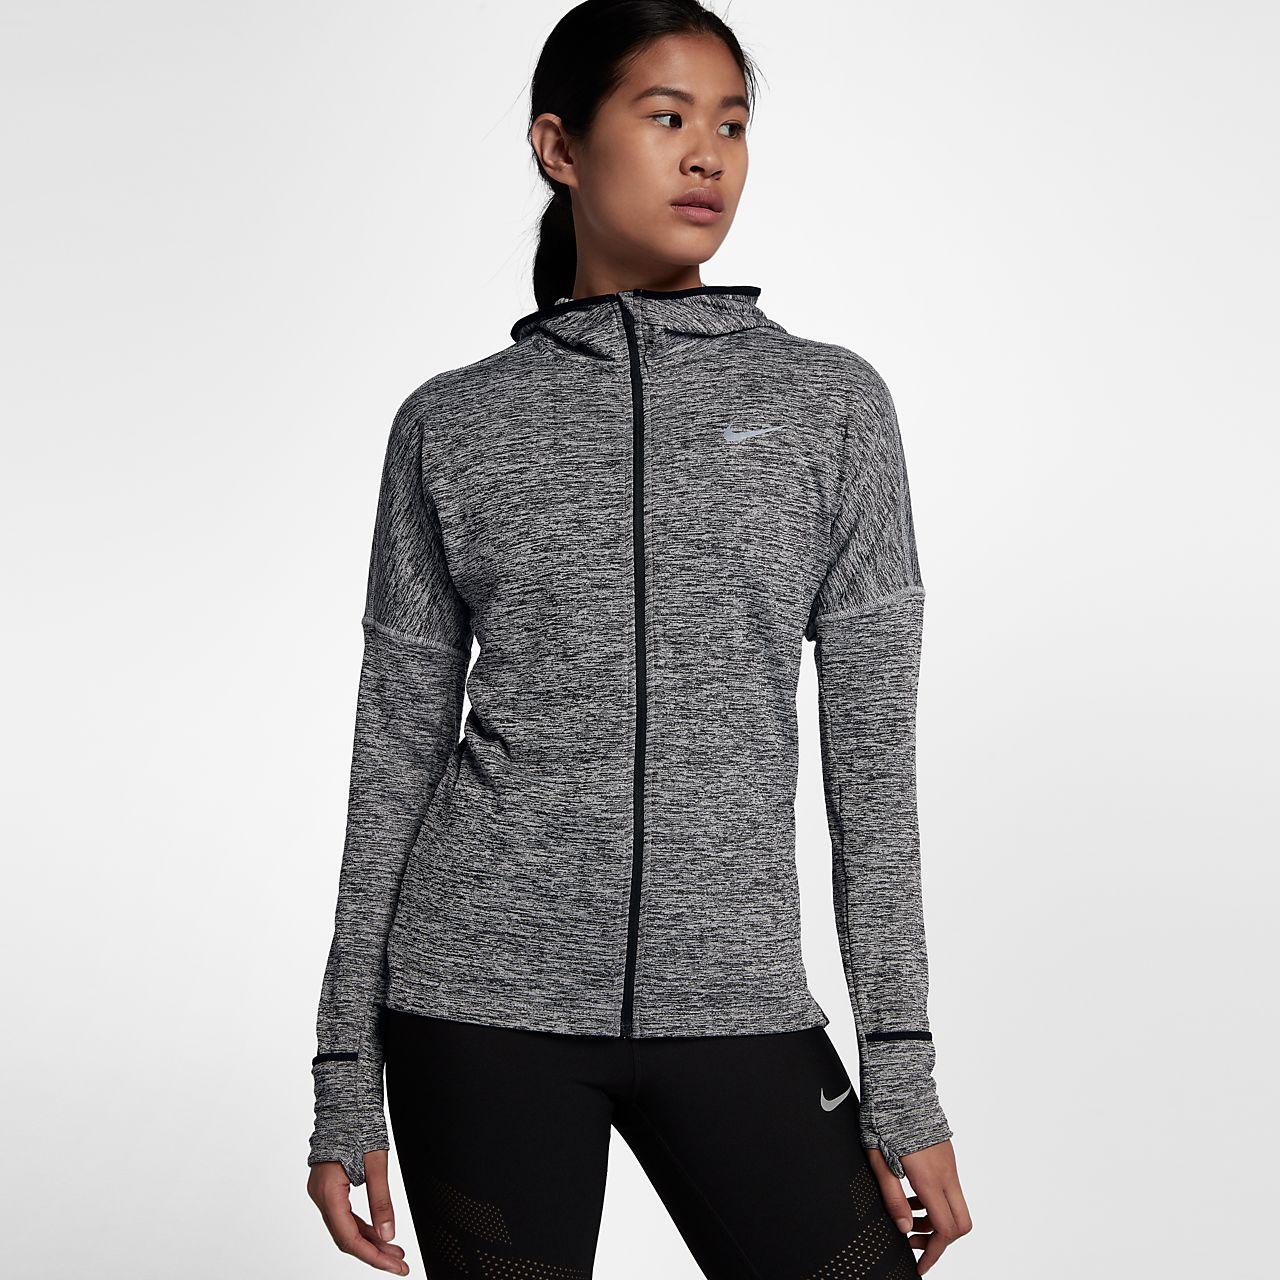 Sweat à capuche de running Nike Therma Sphere Element pour Femme